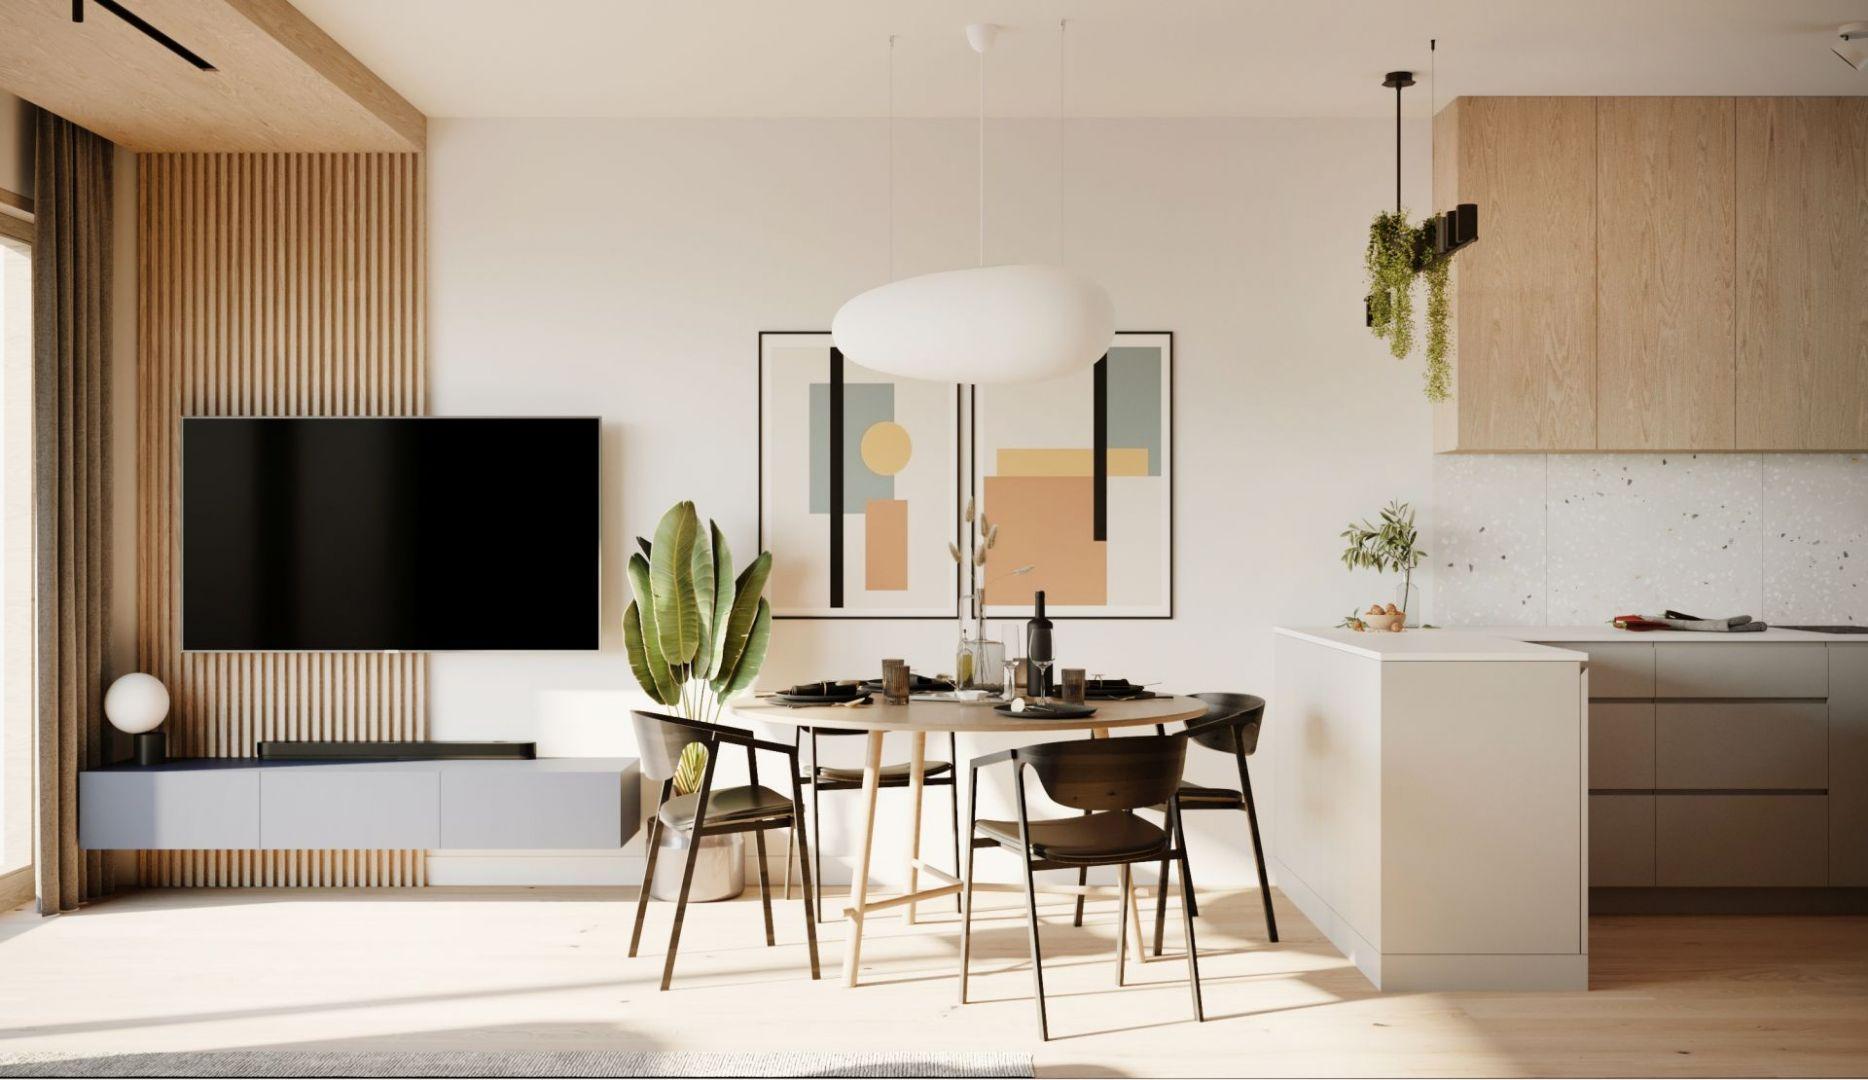 Przy aneksie kuchennym stanął okrągły drewniany stół i krzesła w stylu vintage. Projekt: Sara Tokarczyk i Wojciech Poziomka, Studio Smart Design